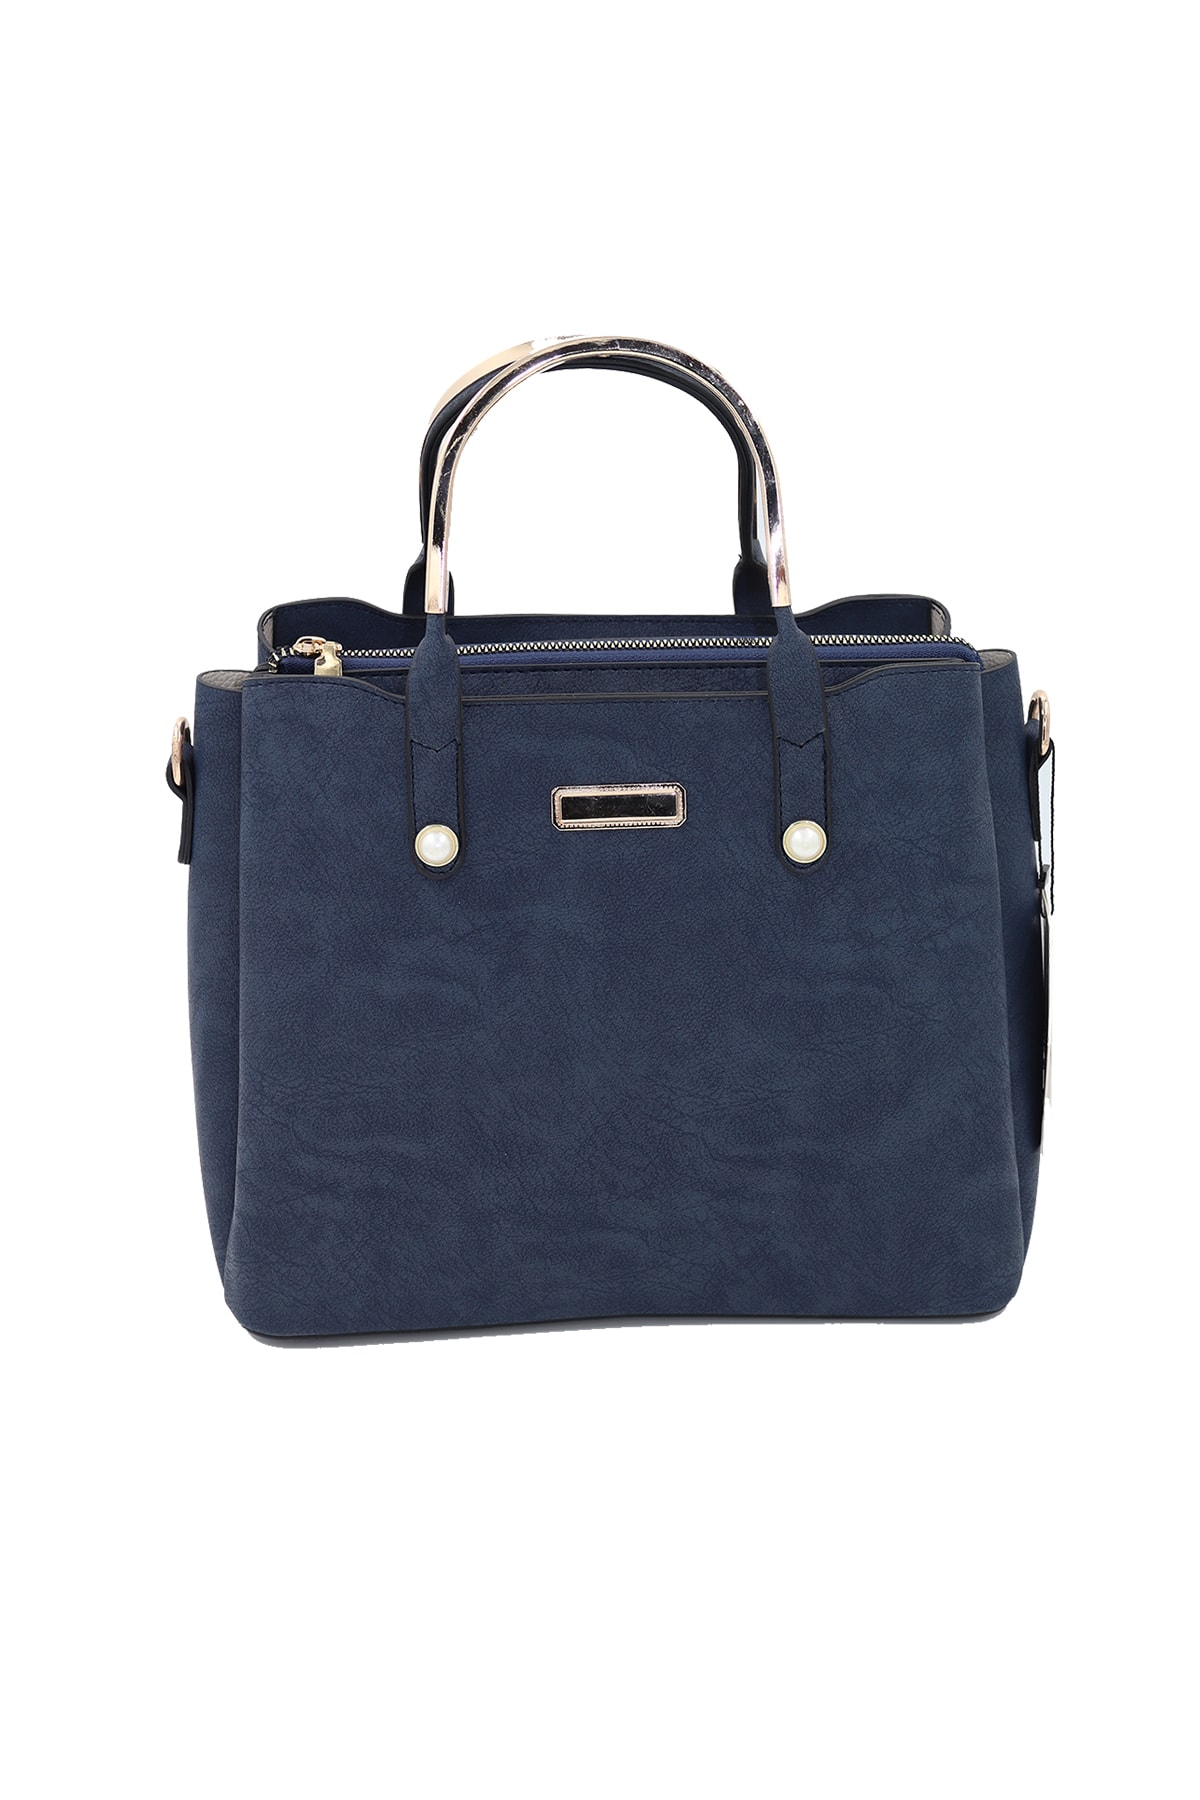 SheBella Bags & Shoes Cefalu Üç Bölmeli Inci Detaylı Metal Tutma Saplı Lacivert Renk Kadın Kol / Omuz Çantası 2